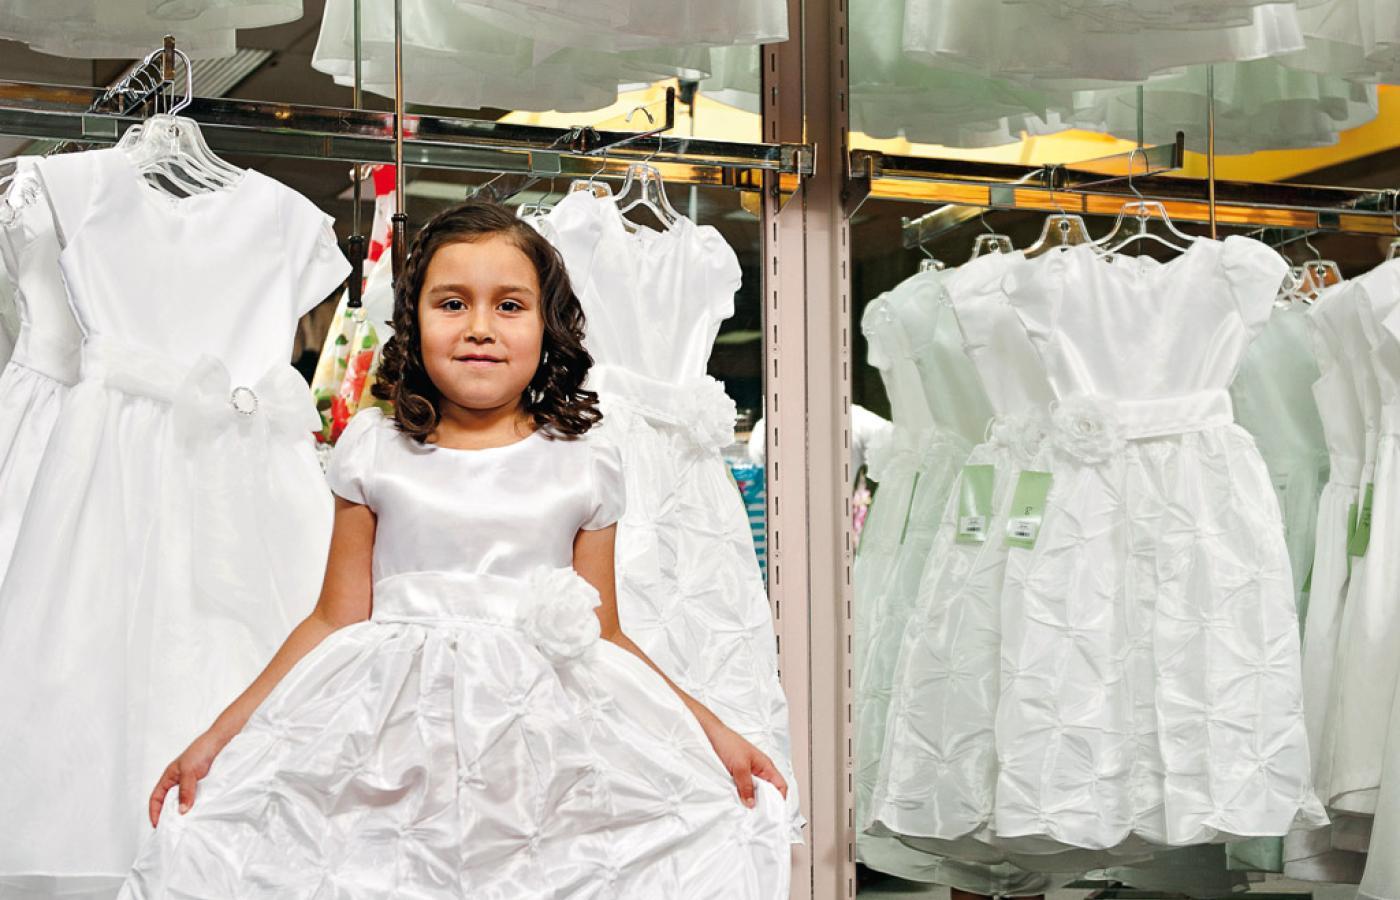 99f355ab0bc6f Średni koszt zorganizowania komunii to około 4 tys. zł. Najskromniejsza  sukienka czy garnitur –